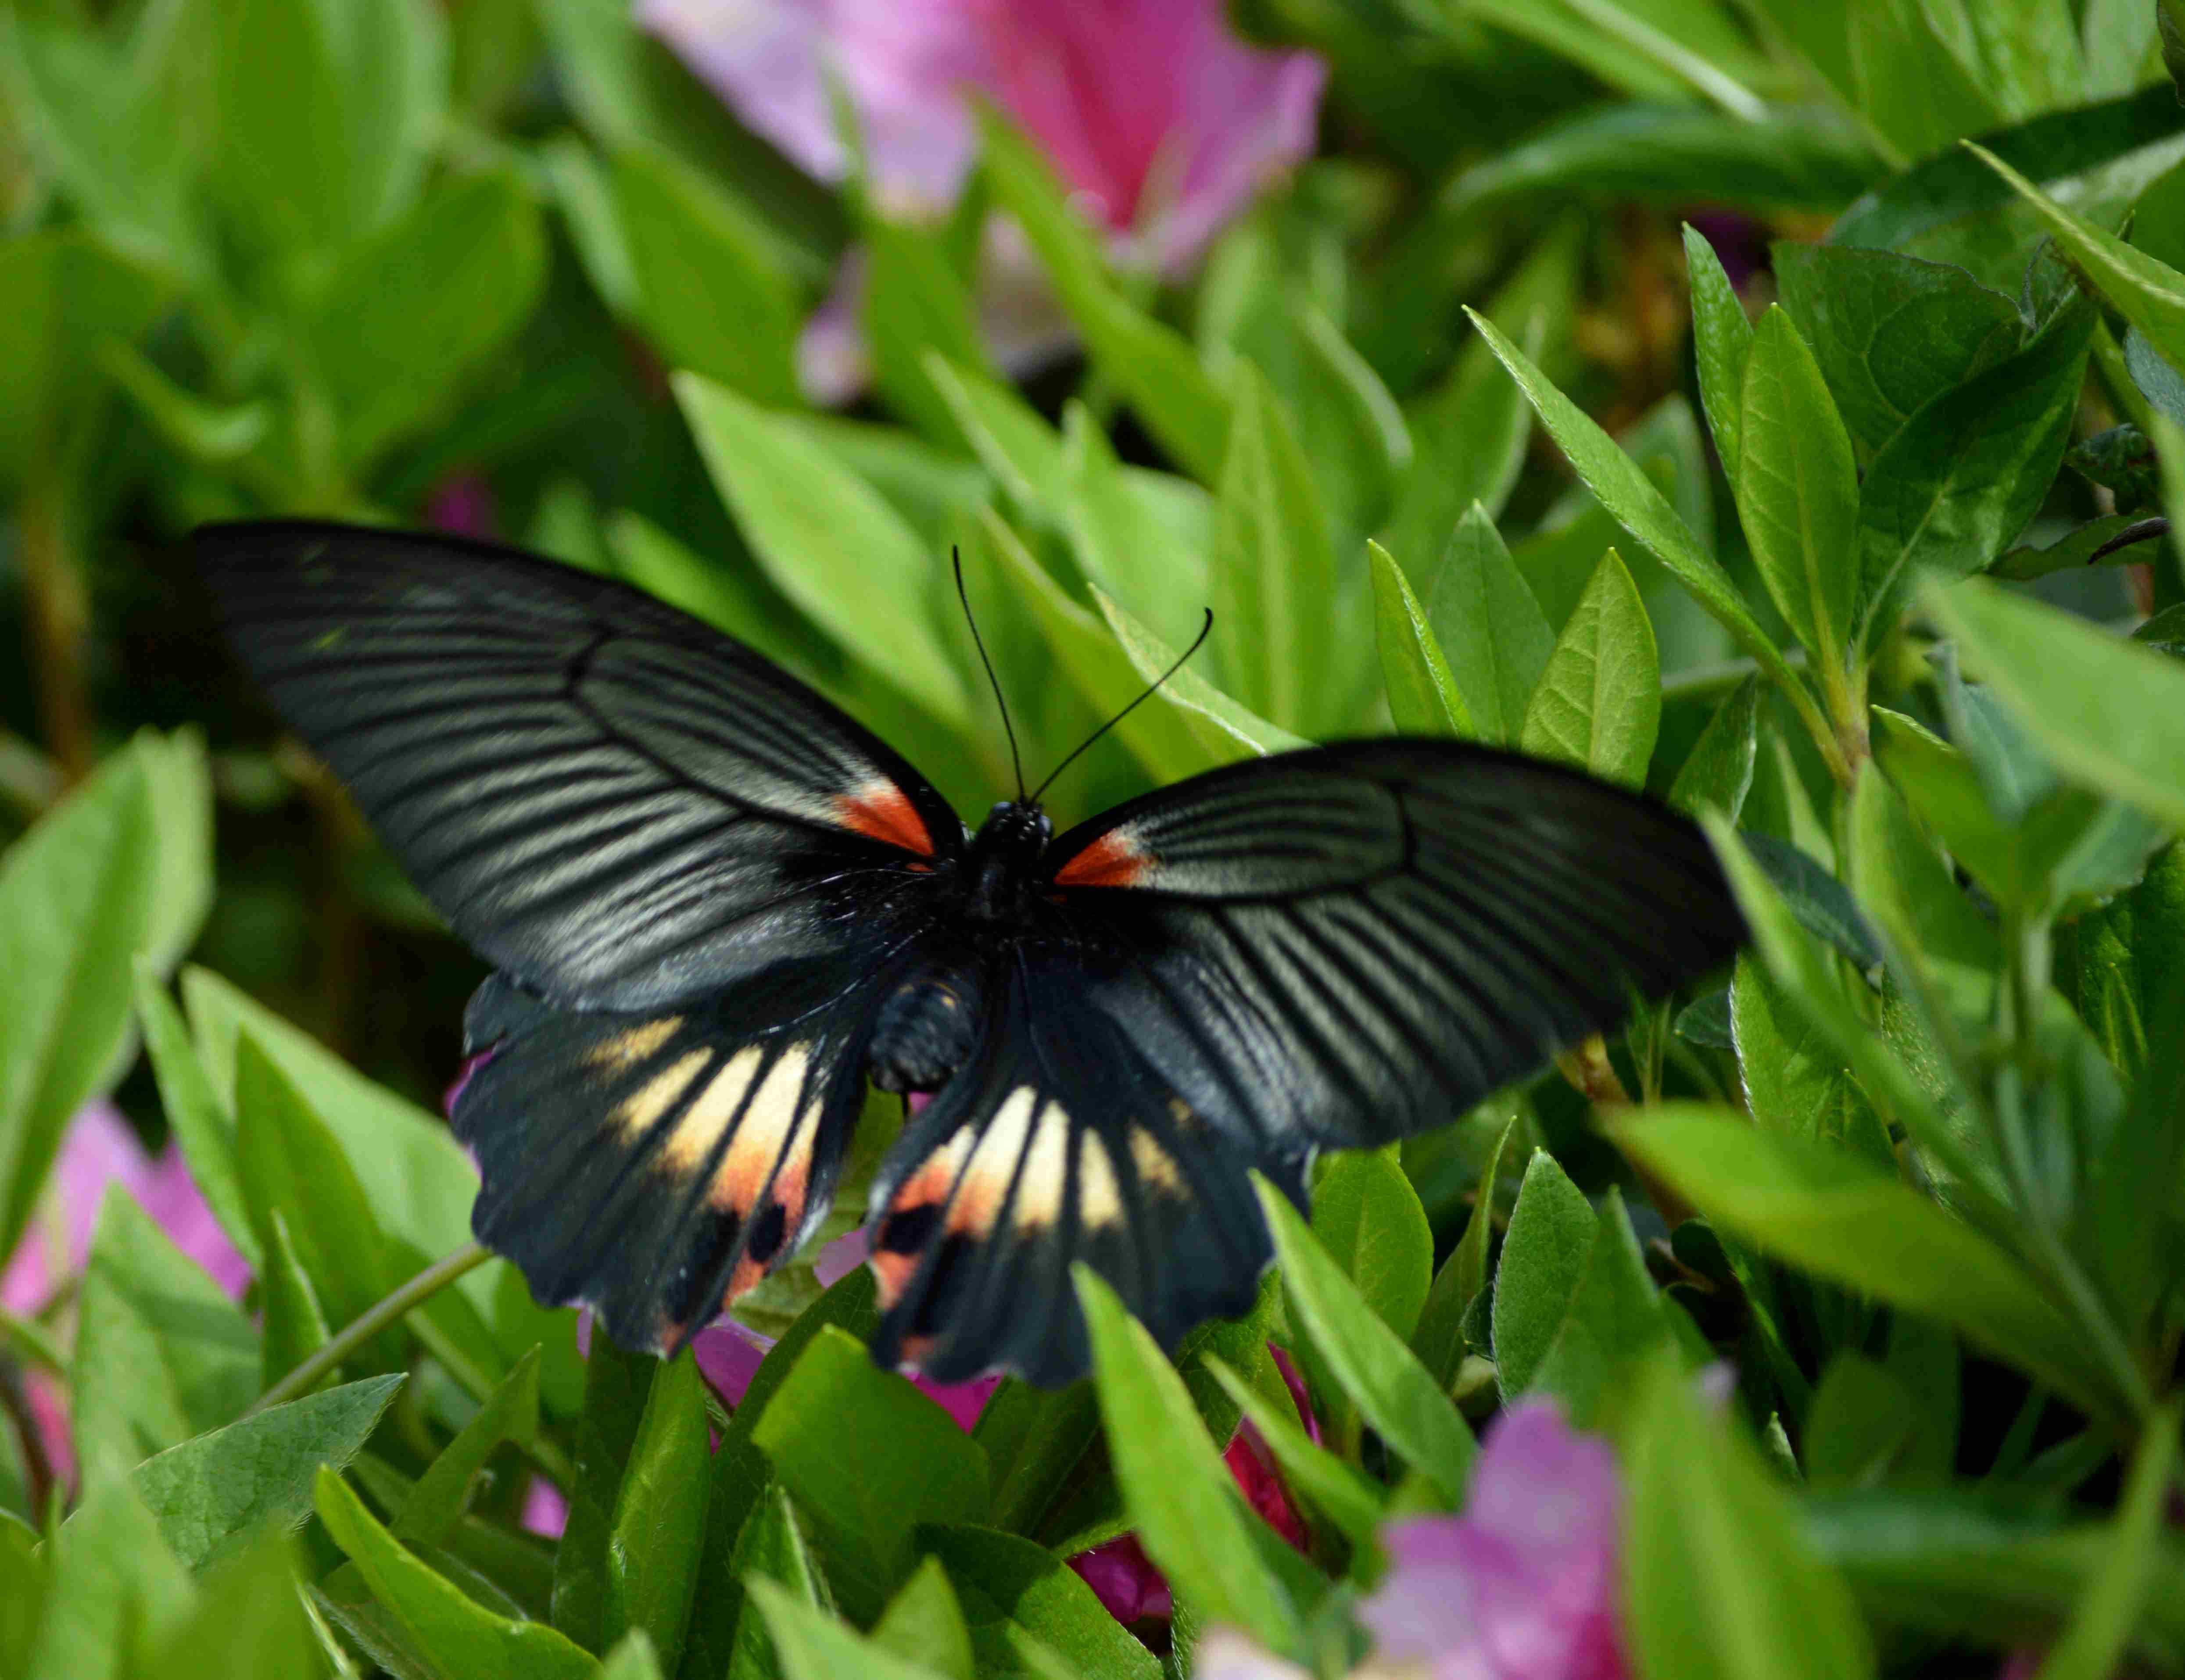 ナガサキアゲハ 5月2日ツツジの咲く公園にて_d0254540_1791932.jpg